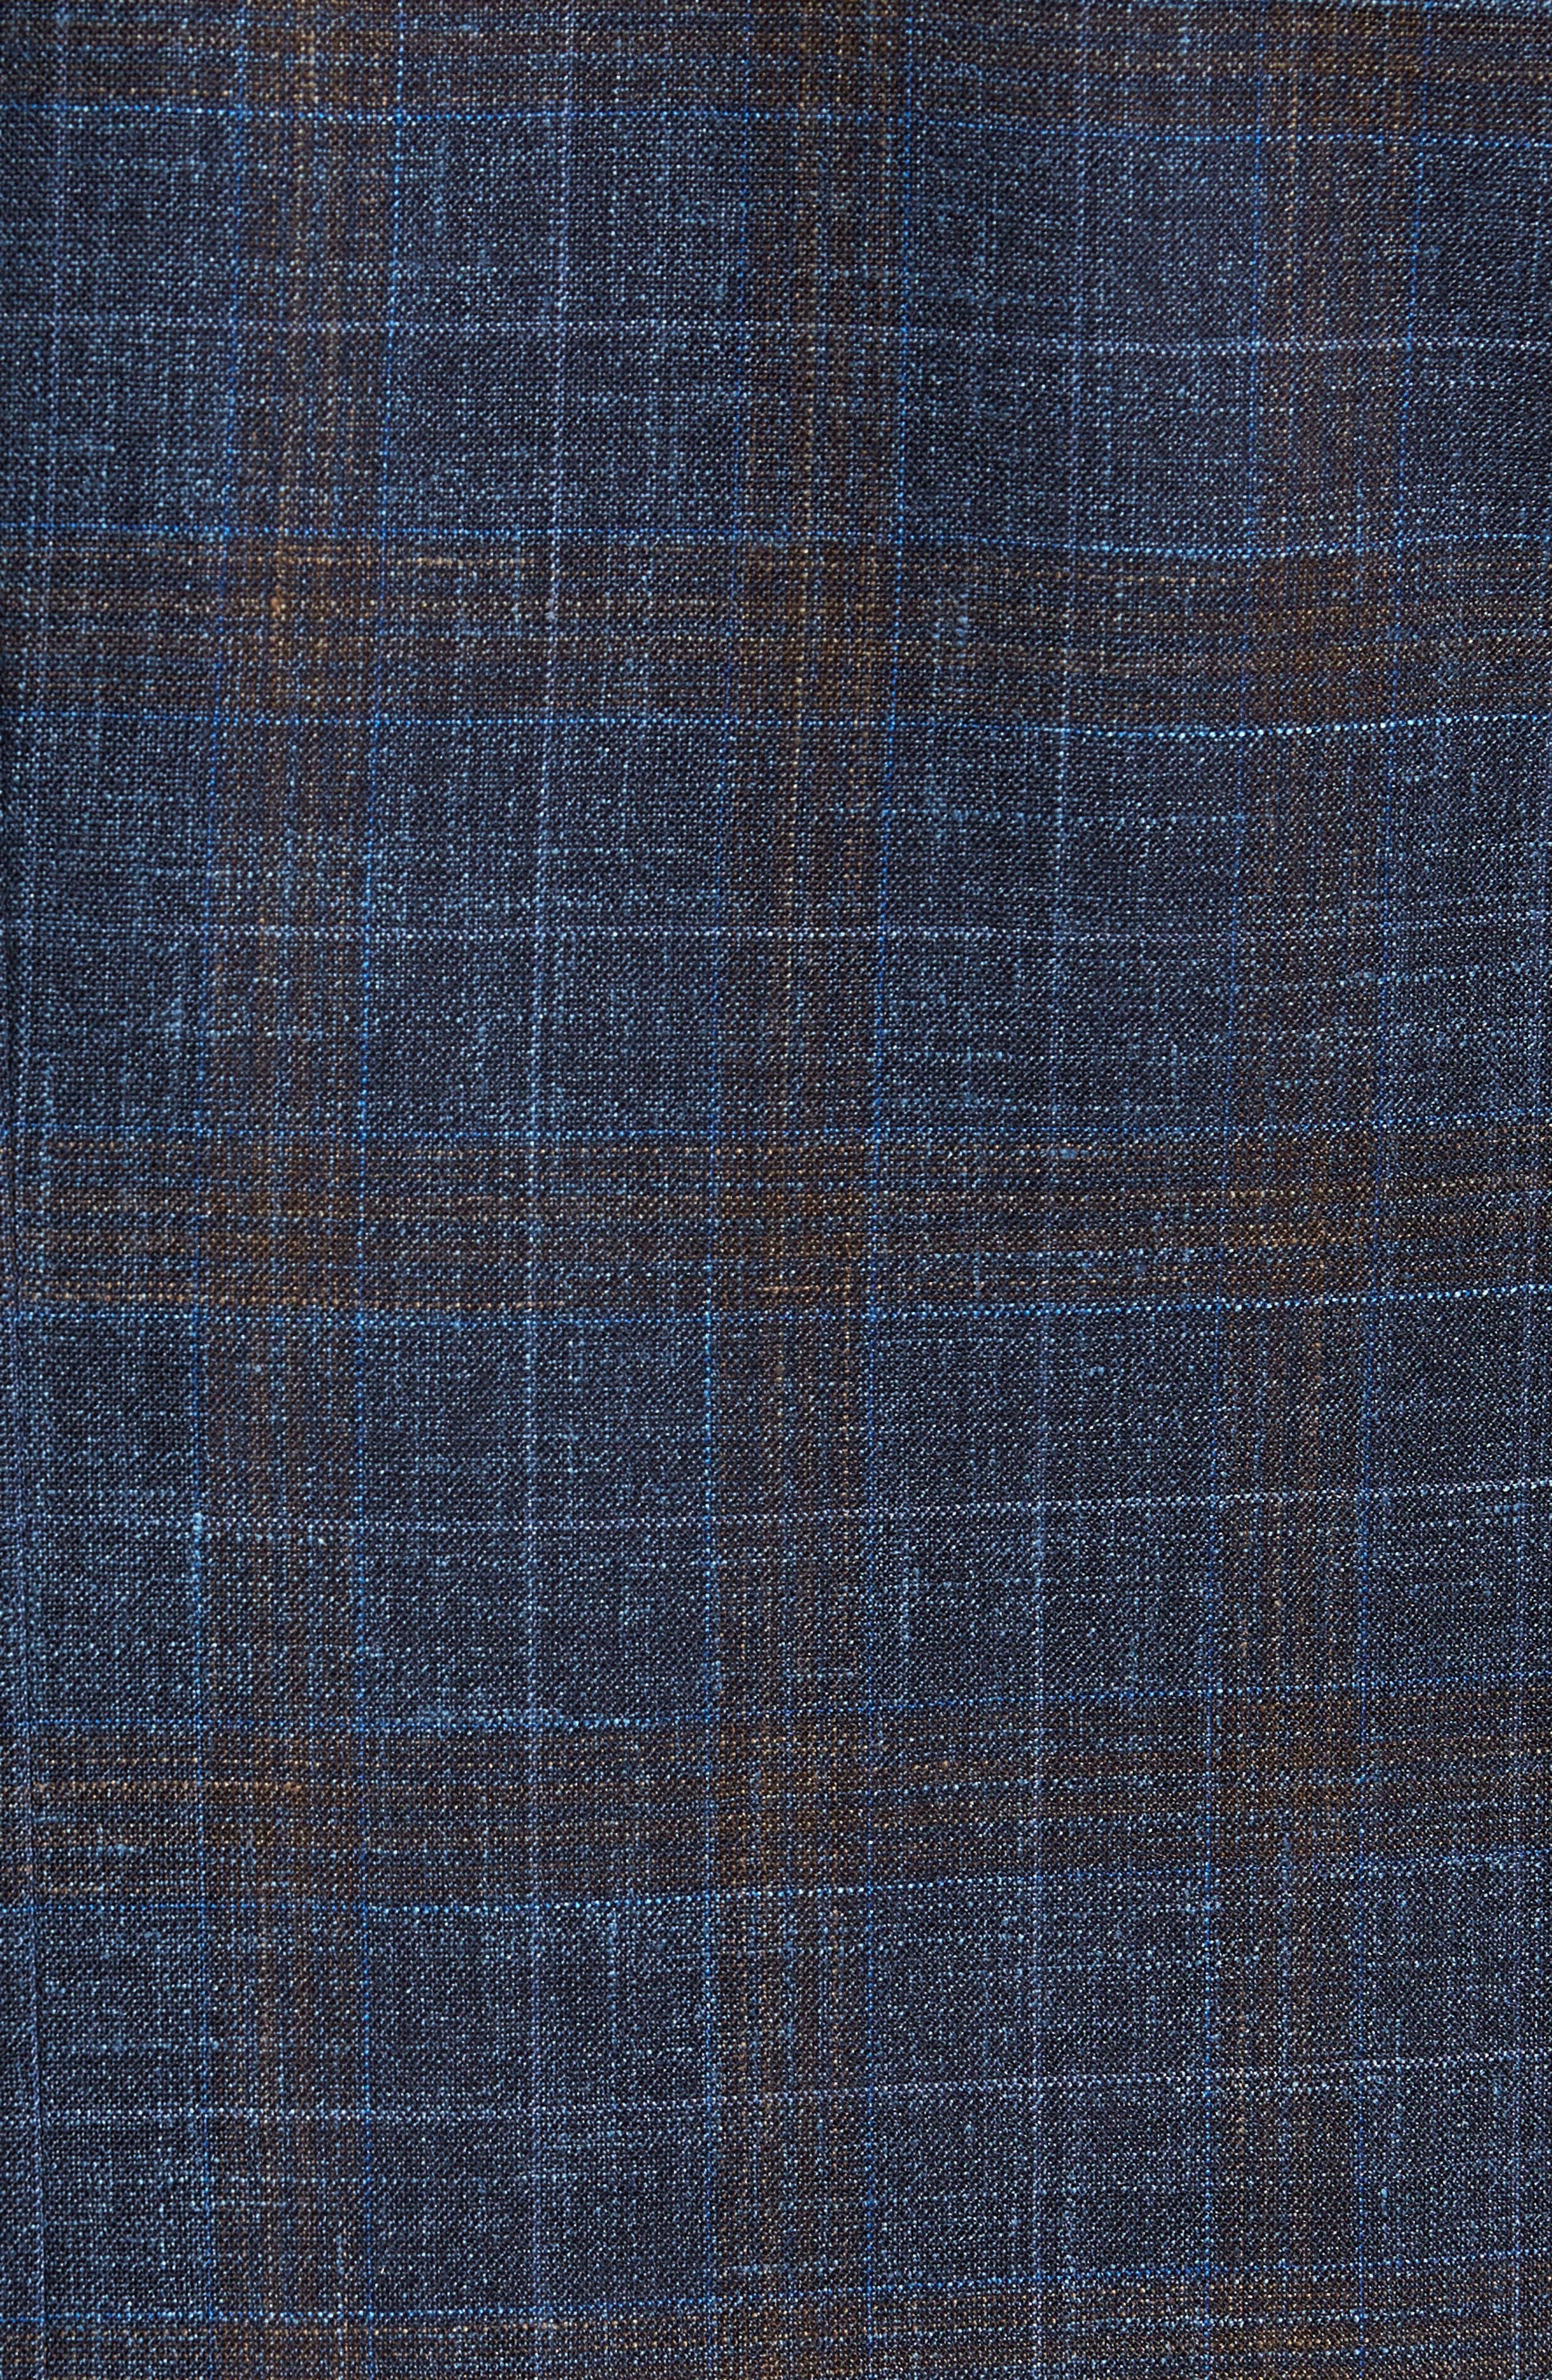 Trim Fit Plaid Wool Blend Sport Coat,                             Alternate thumbnail 6, color,                             410